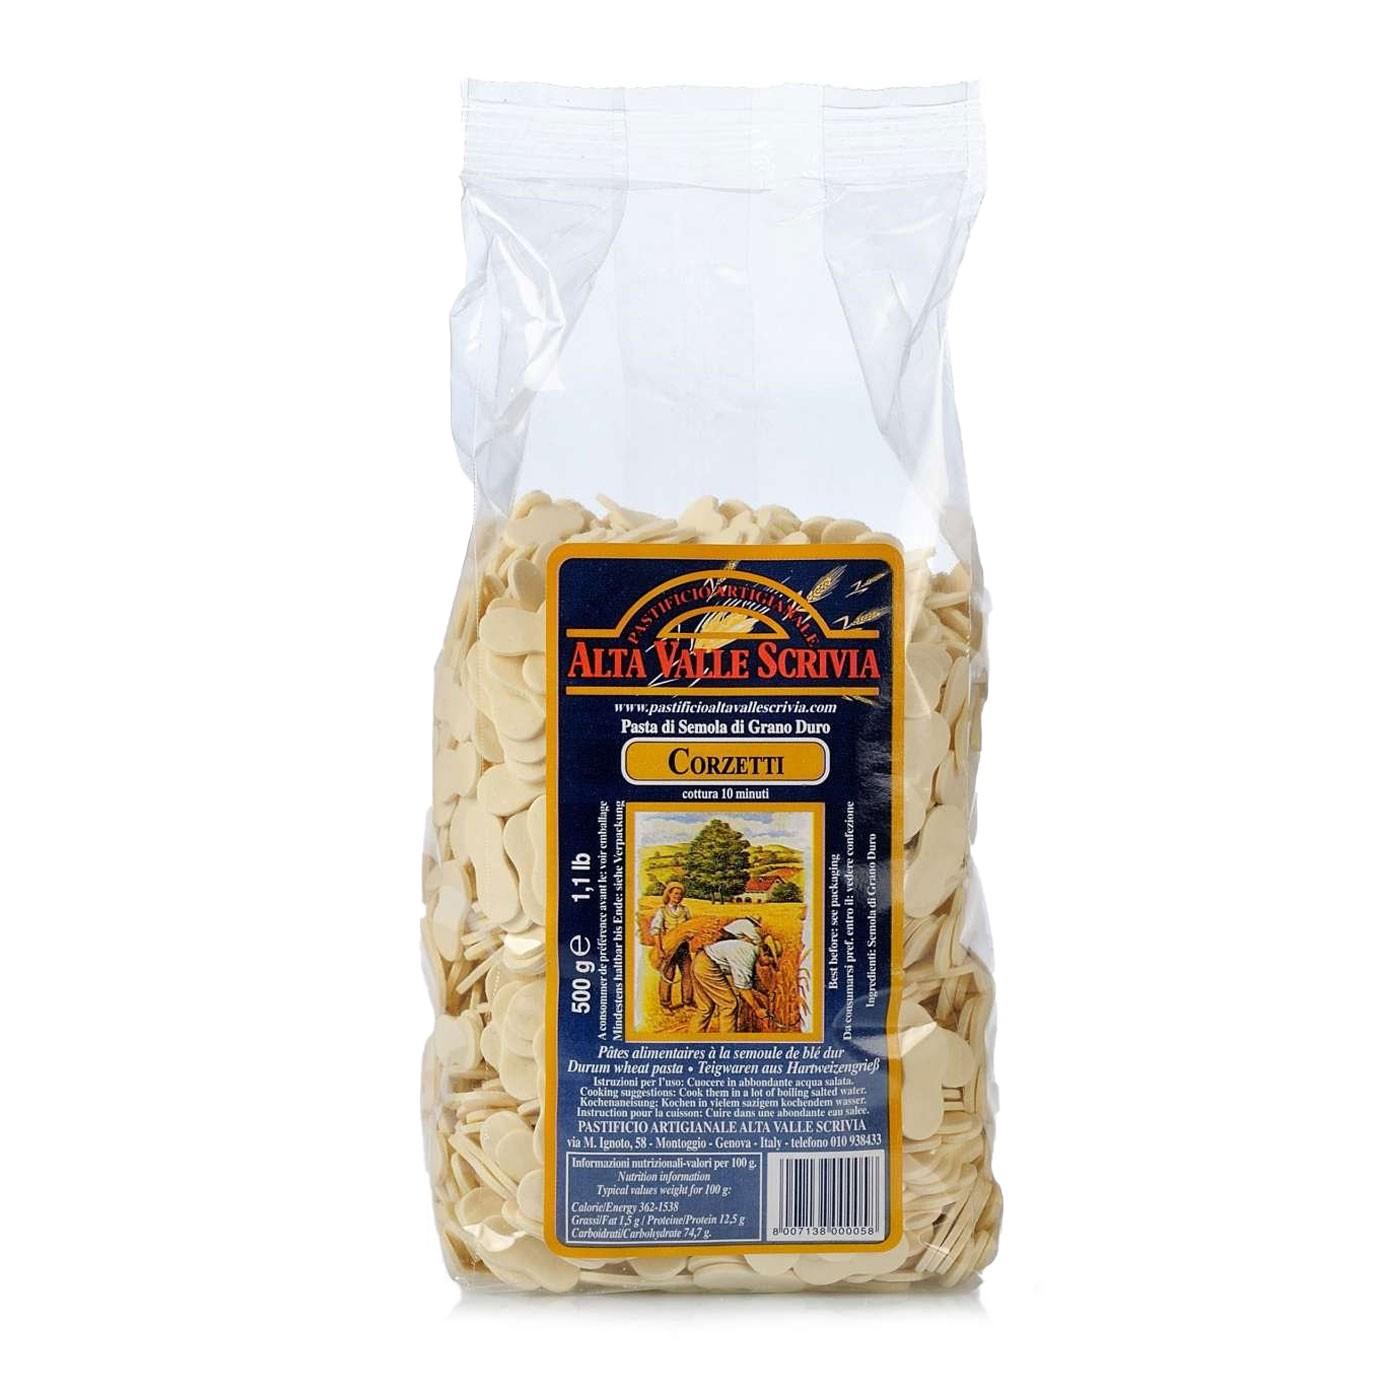 Corzetti Pasta 17.6 oz - Alta Valle Scrivia